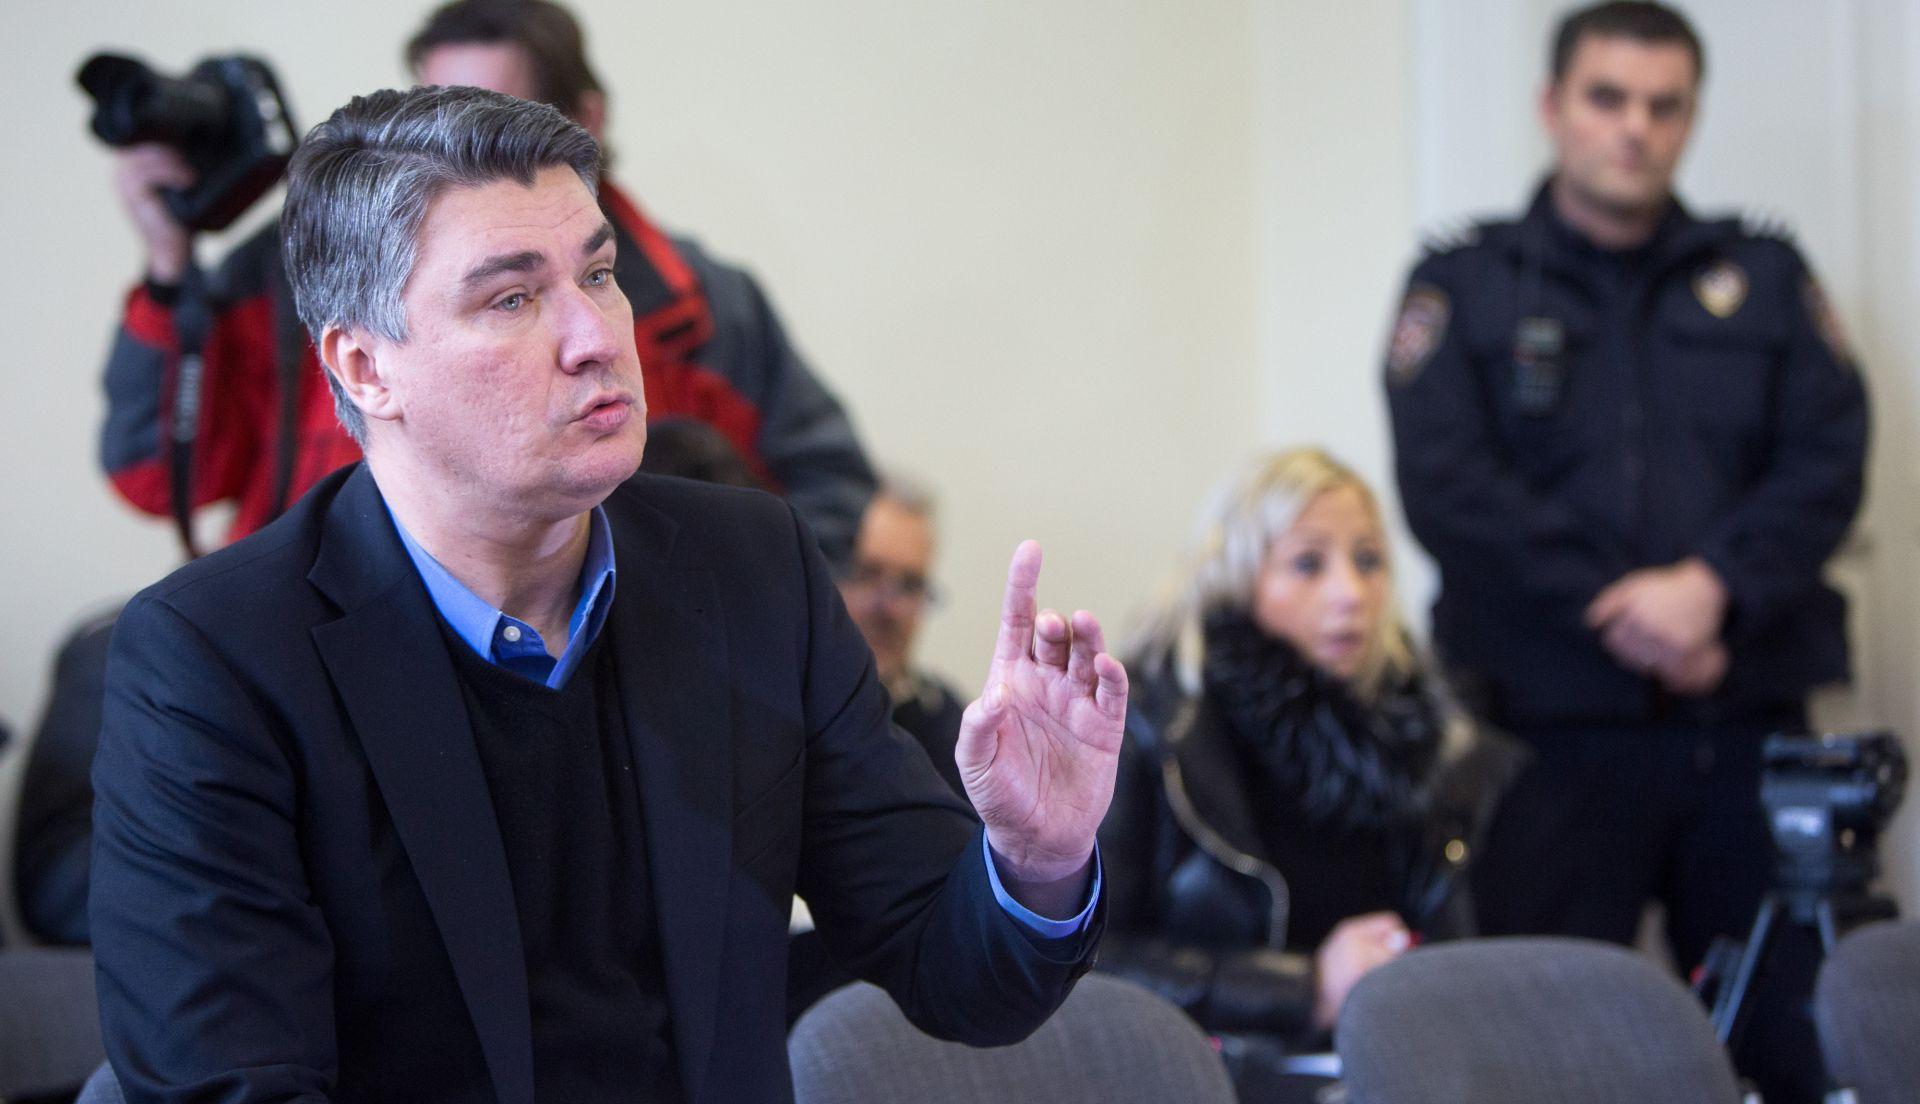 ROČIŠTE U RIJECI Milanović se ne sjeća je li Strenja Linić bila na sastanku